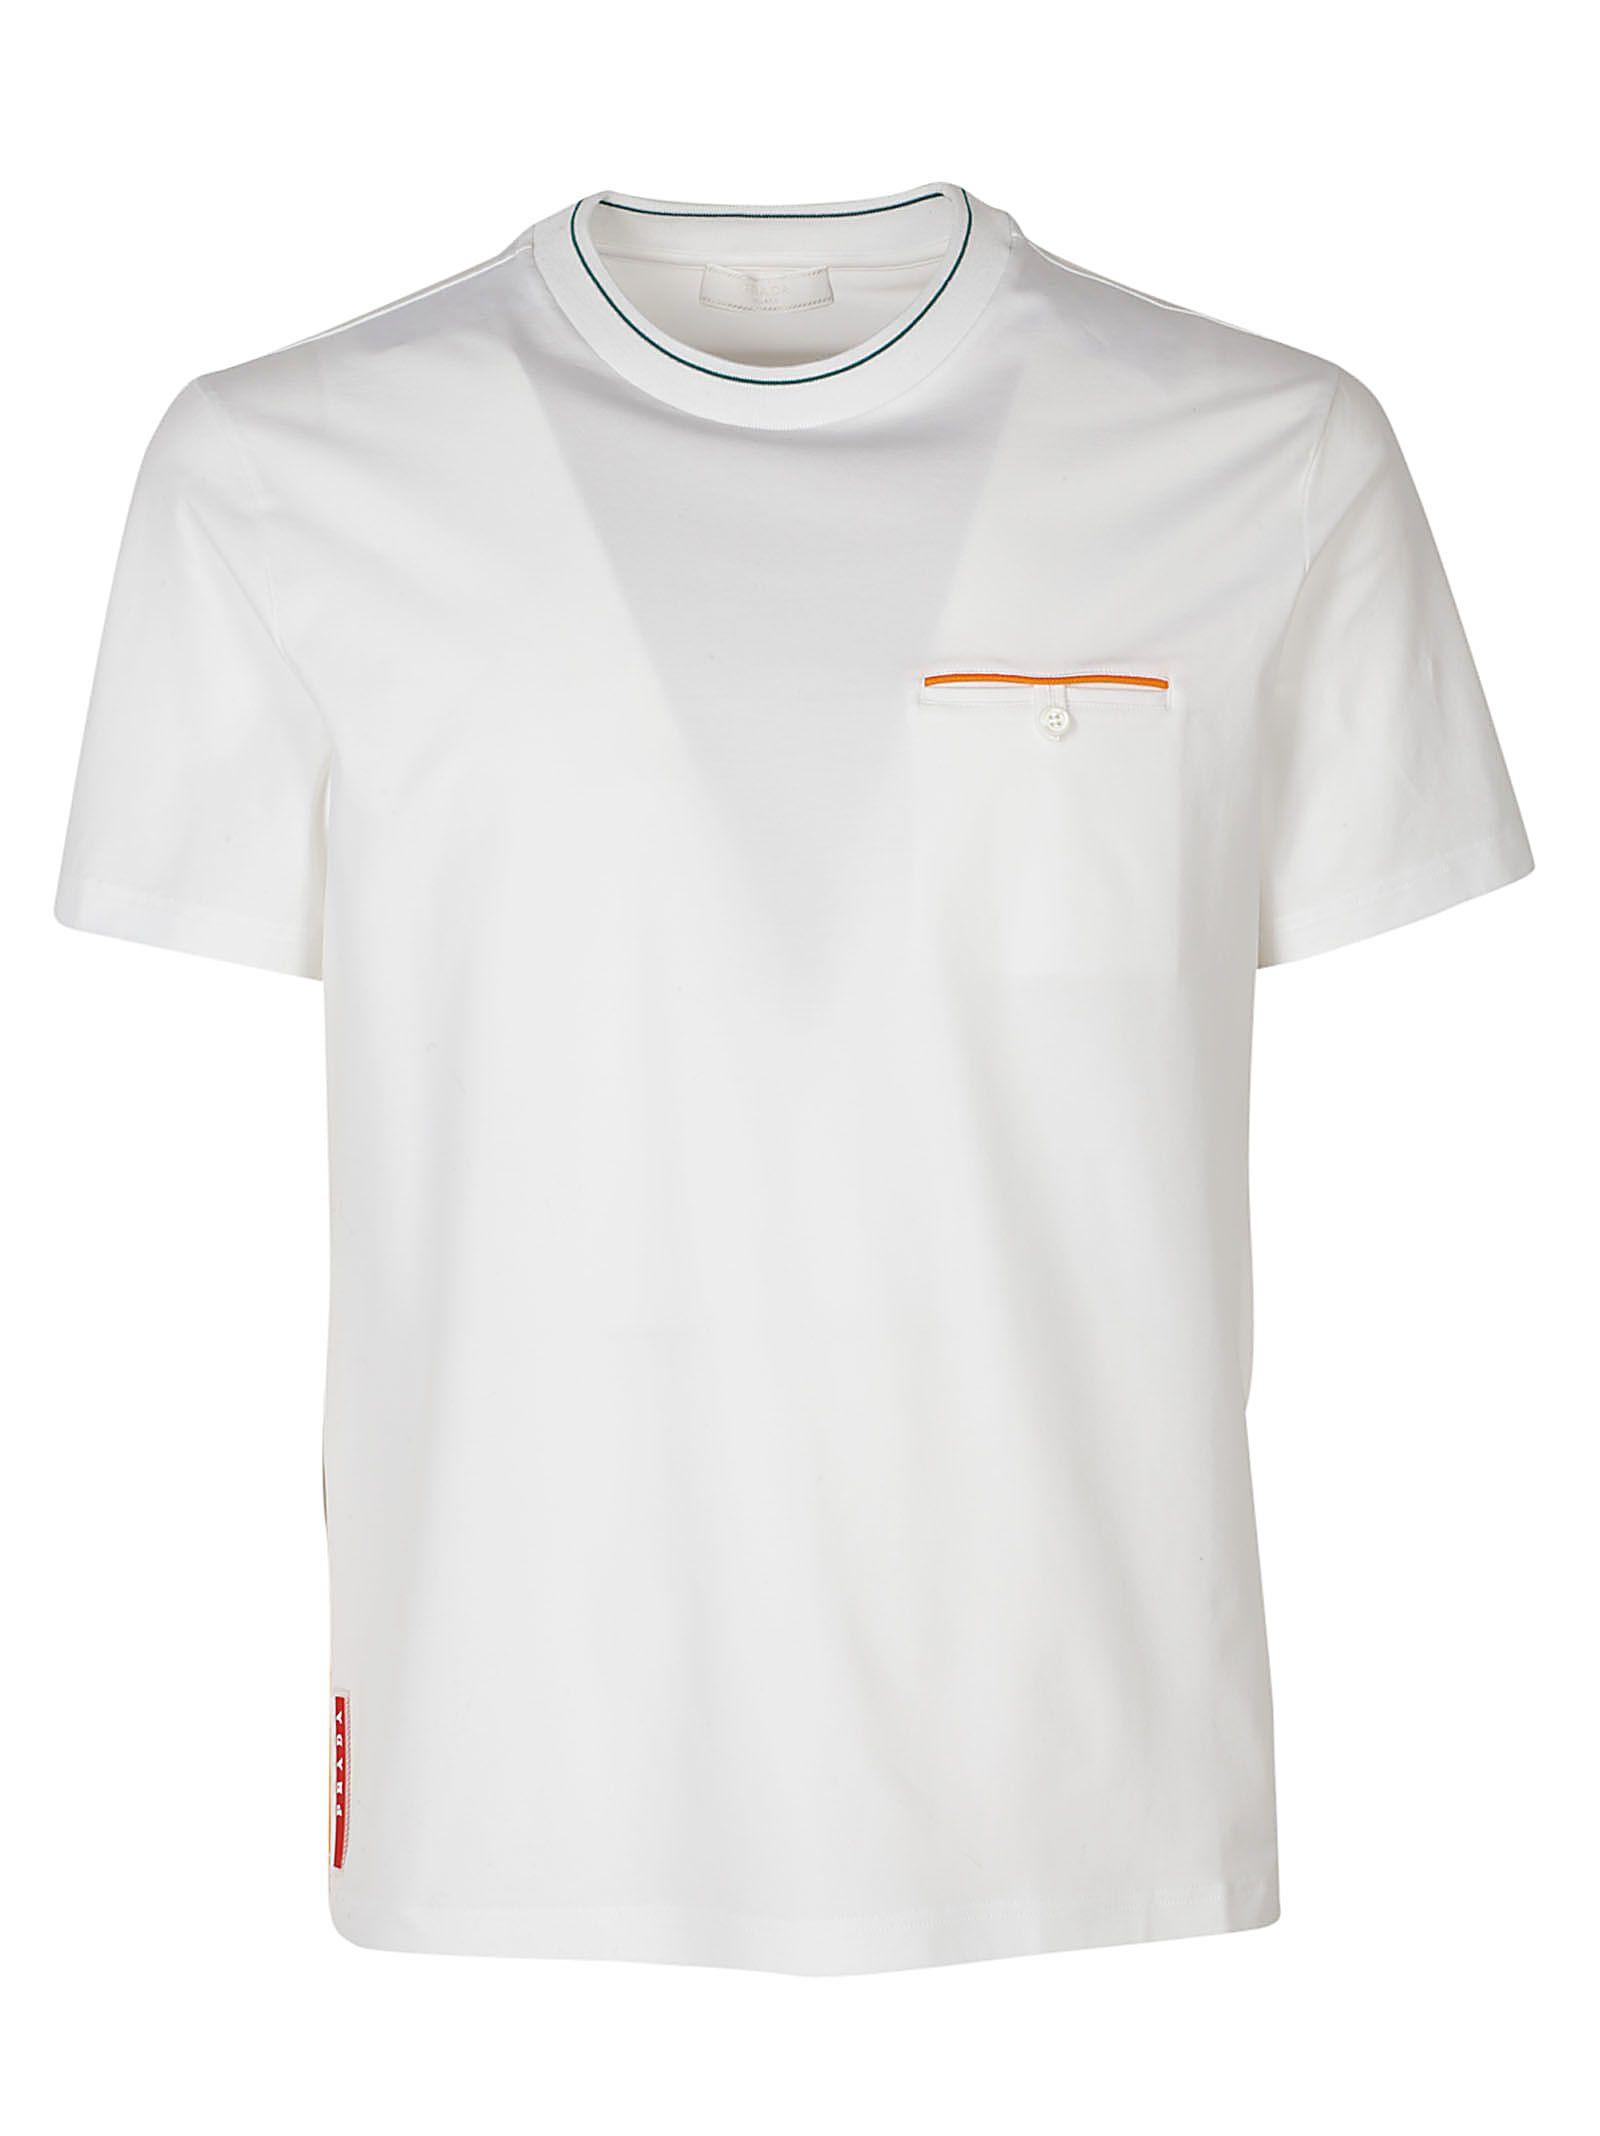 Prada Linea Rossa T-shirt